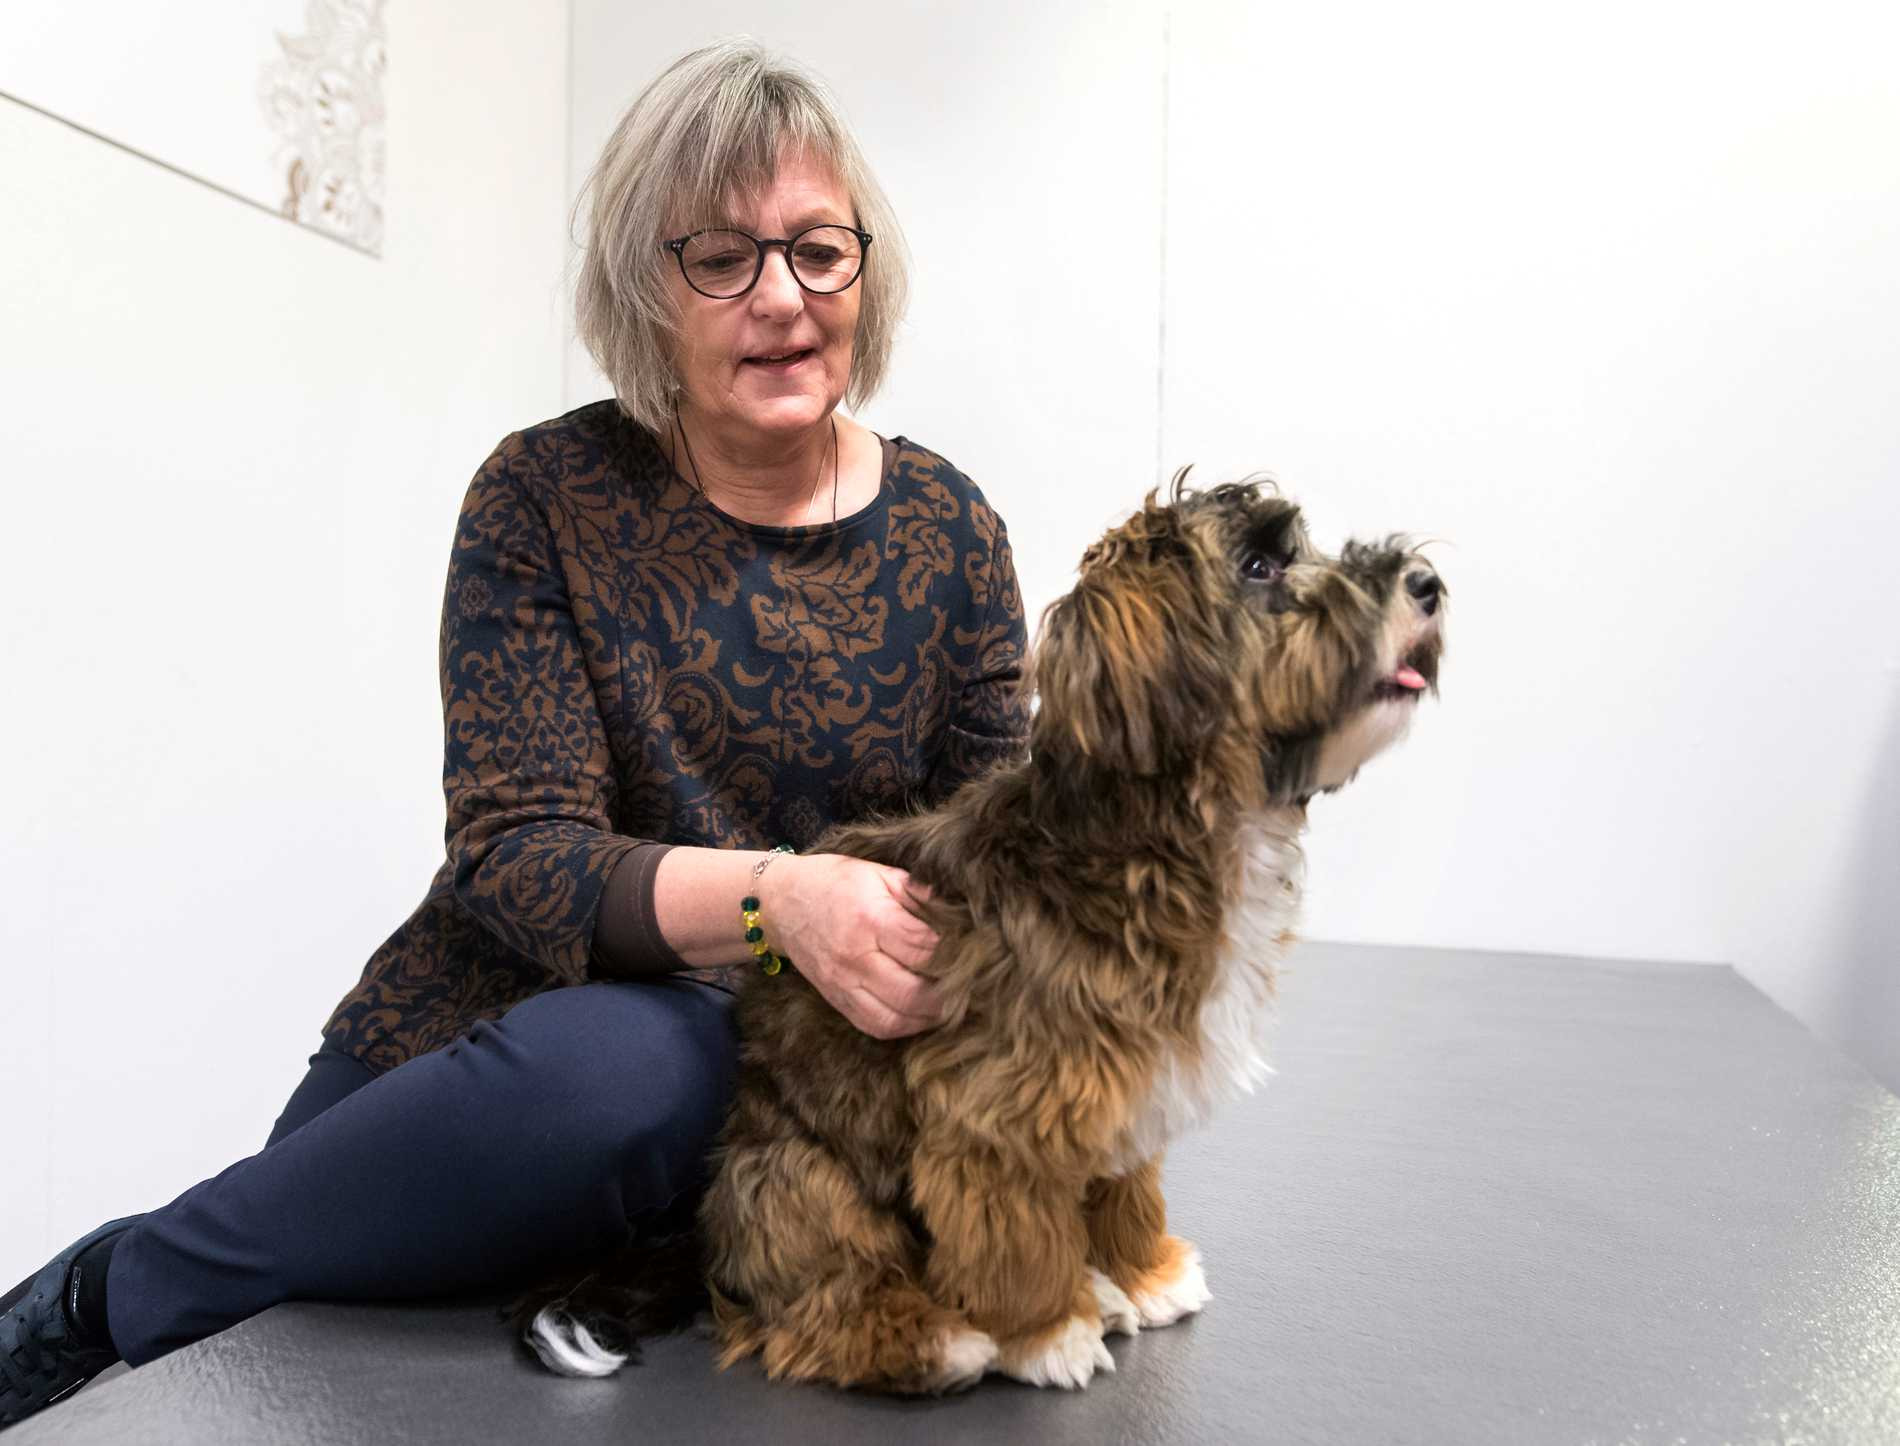 Massagen börjar vid ryggraden, och omkring den. Därefter går massören Margareta Pettersson över hunden steg för steg. Tassarna och benen tas nerifrån och upp. Sist masseras huvudet, nacken och öronen. Sedan avslutar man med att klappa hunden.